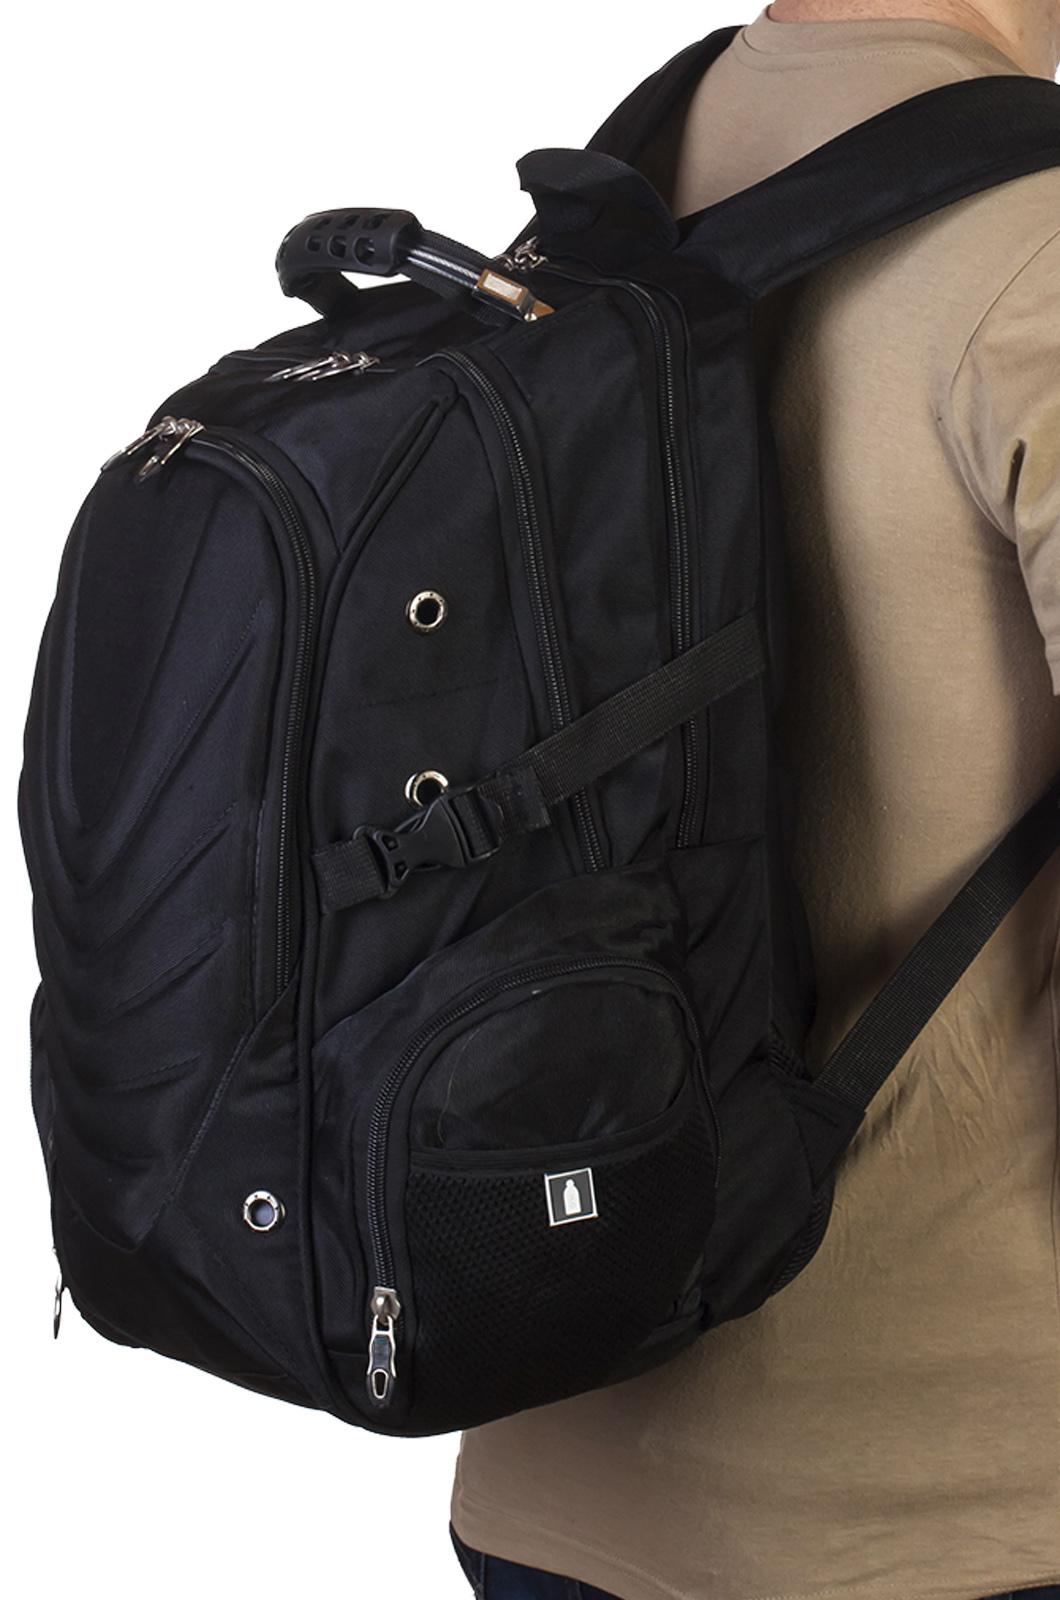 Заказать водонепроницаемый рюкзак